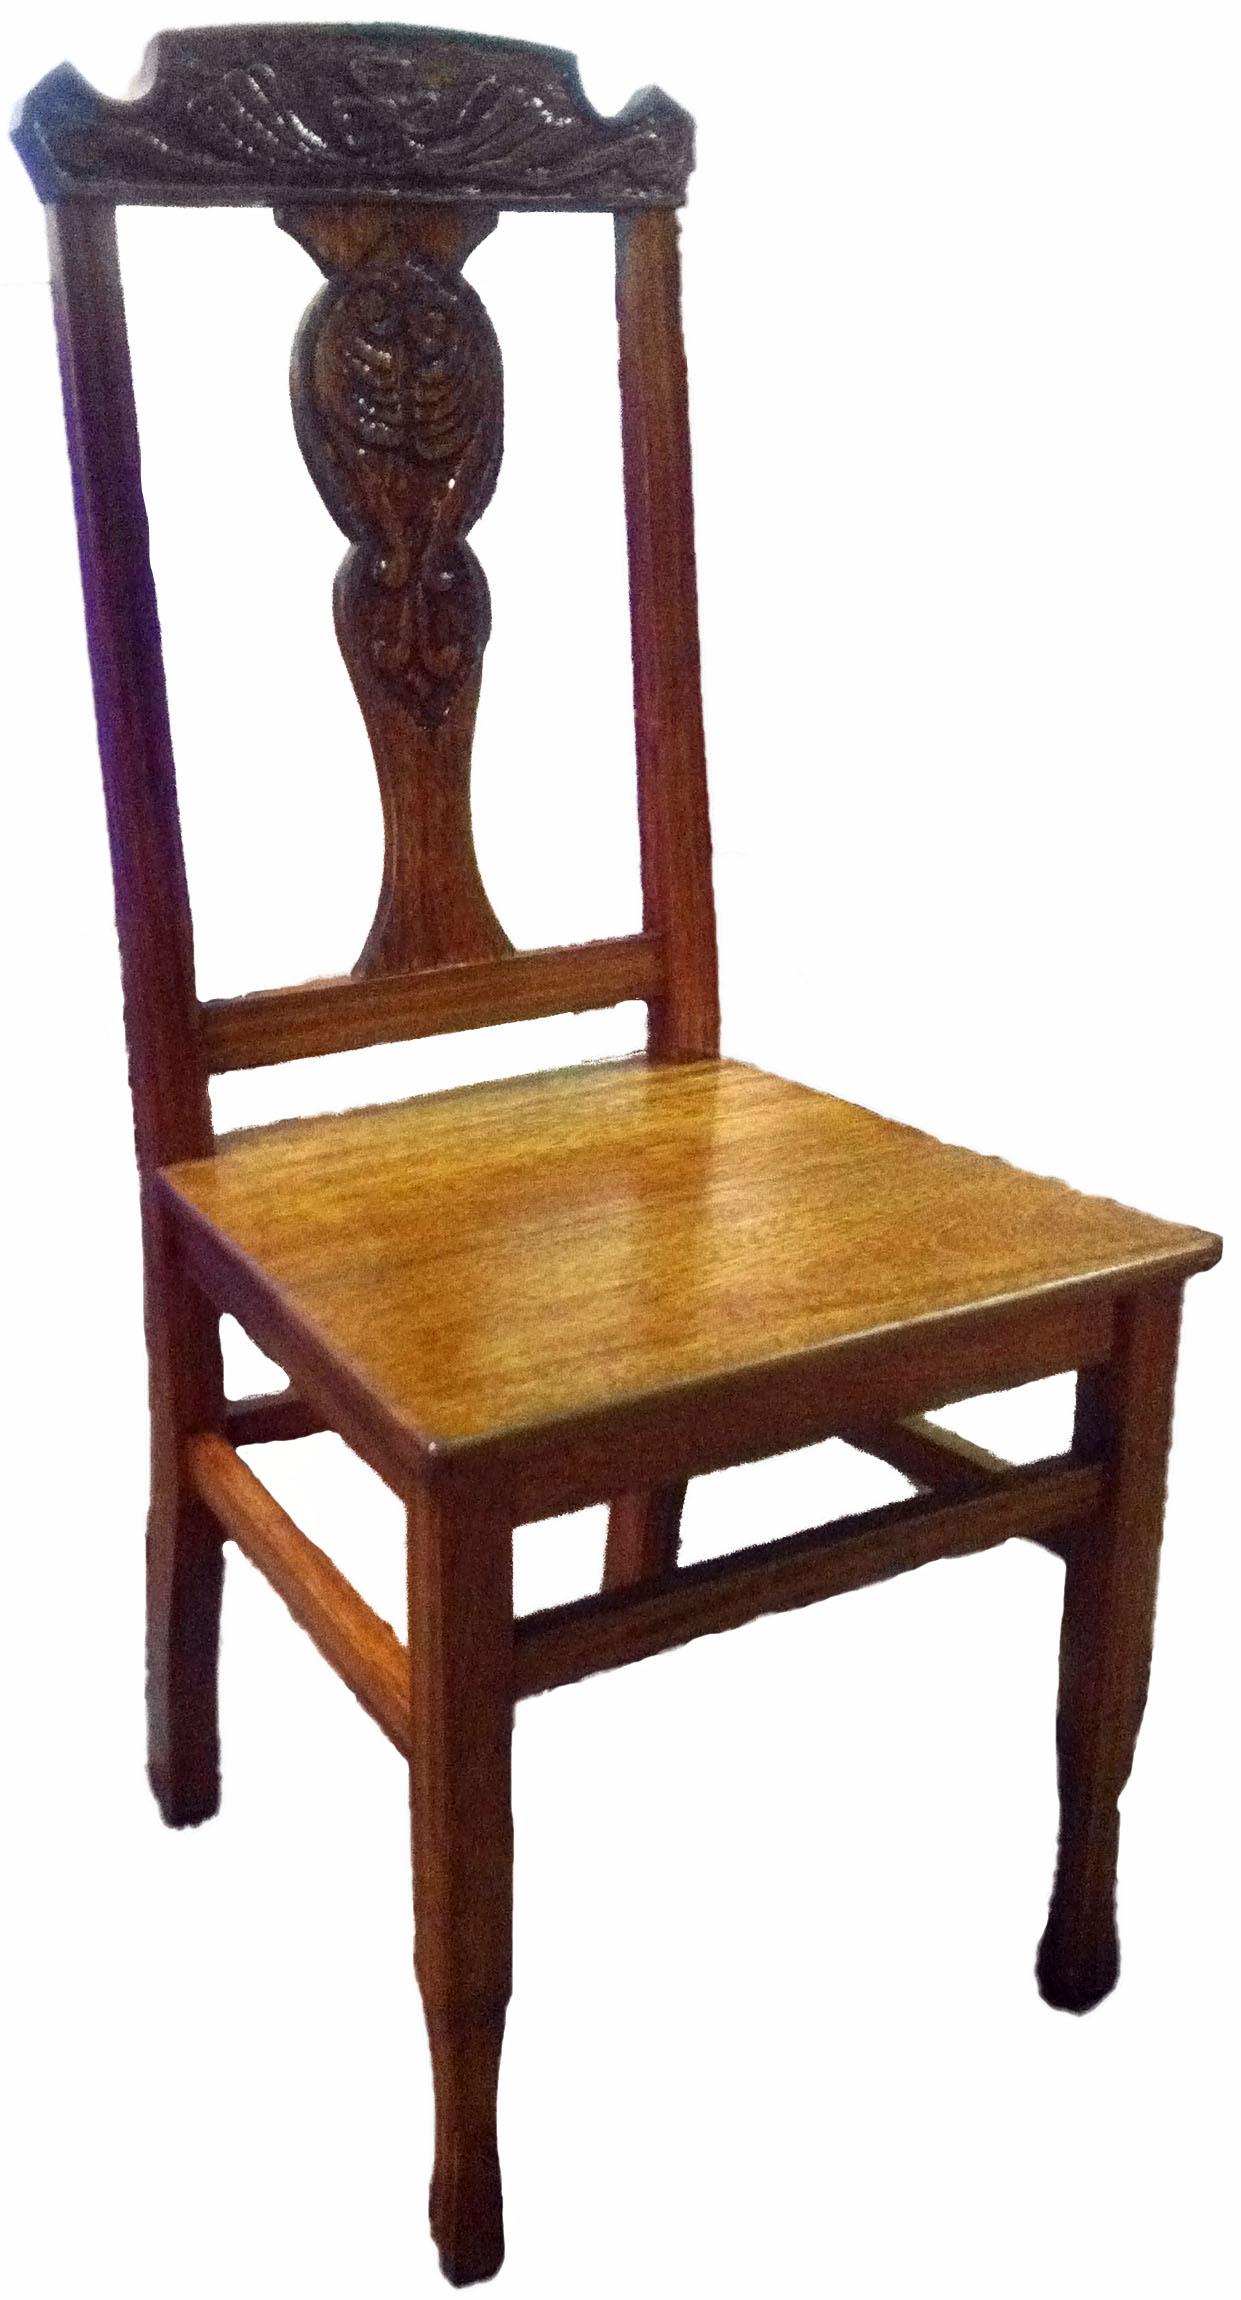 Sillas antiguas y modernas carpinteria restauracion for Modelos de sillas tapizadas modernas